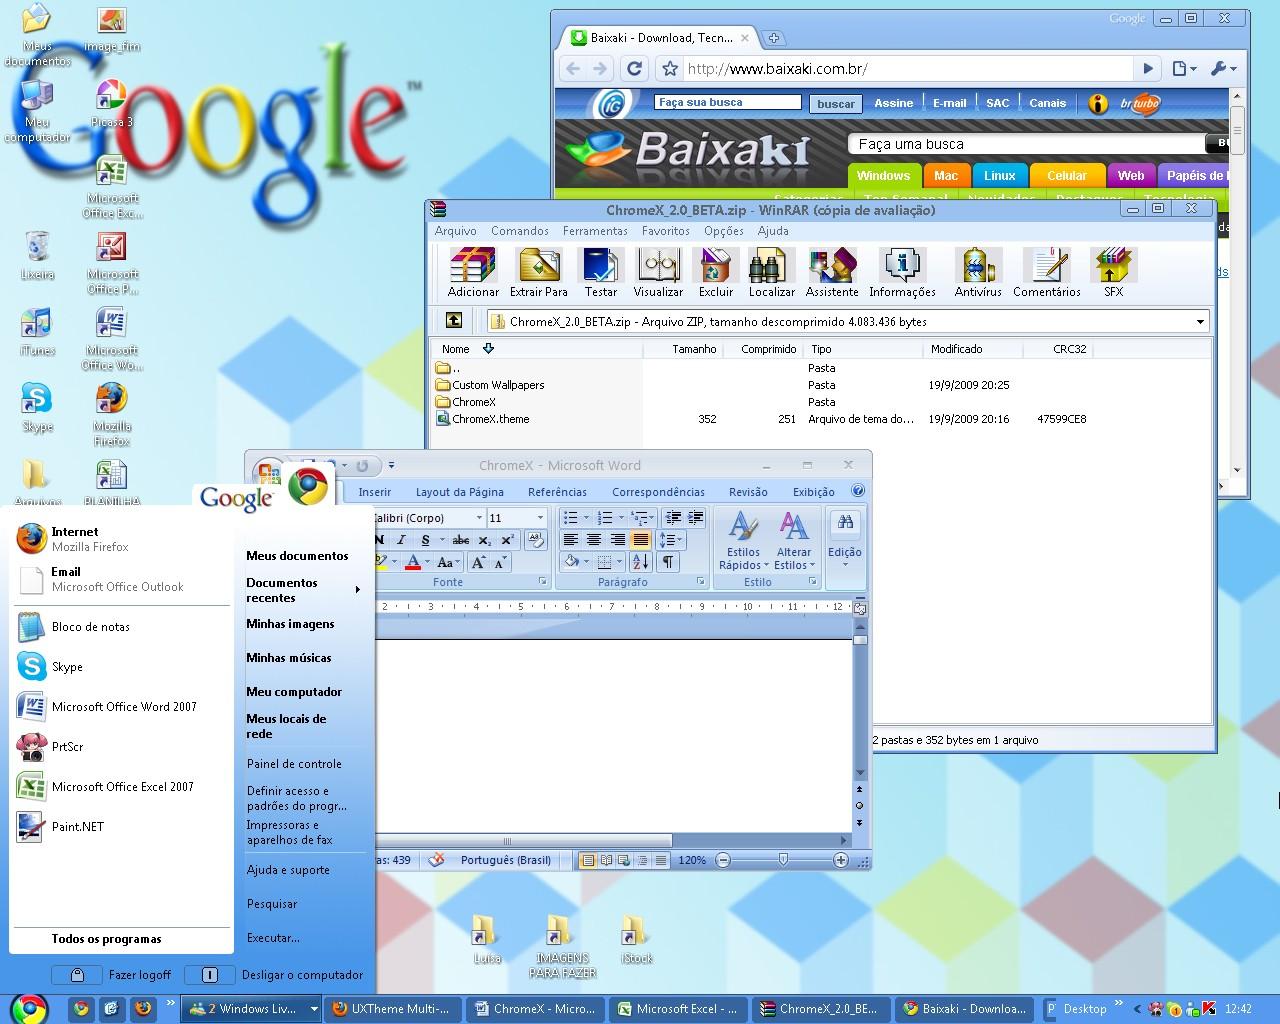 Dê um toque Google para a tela do Windows